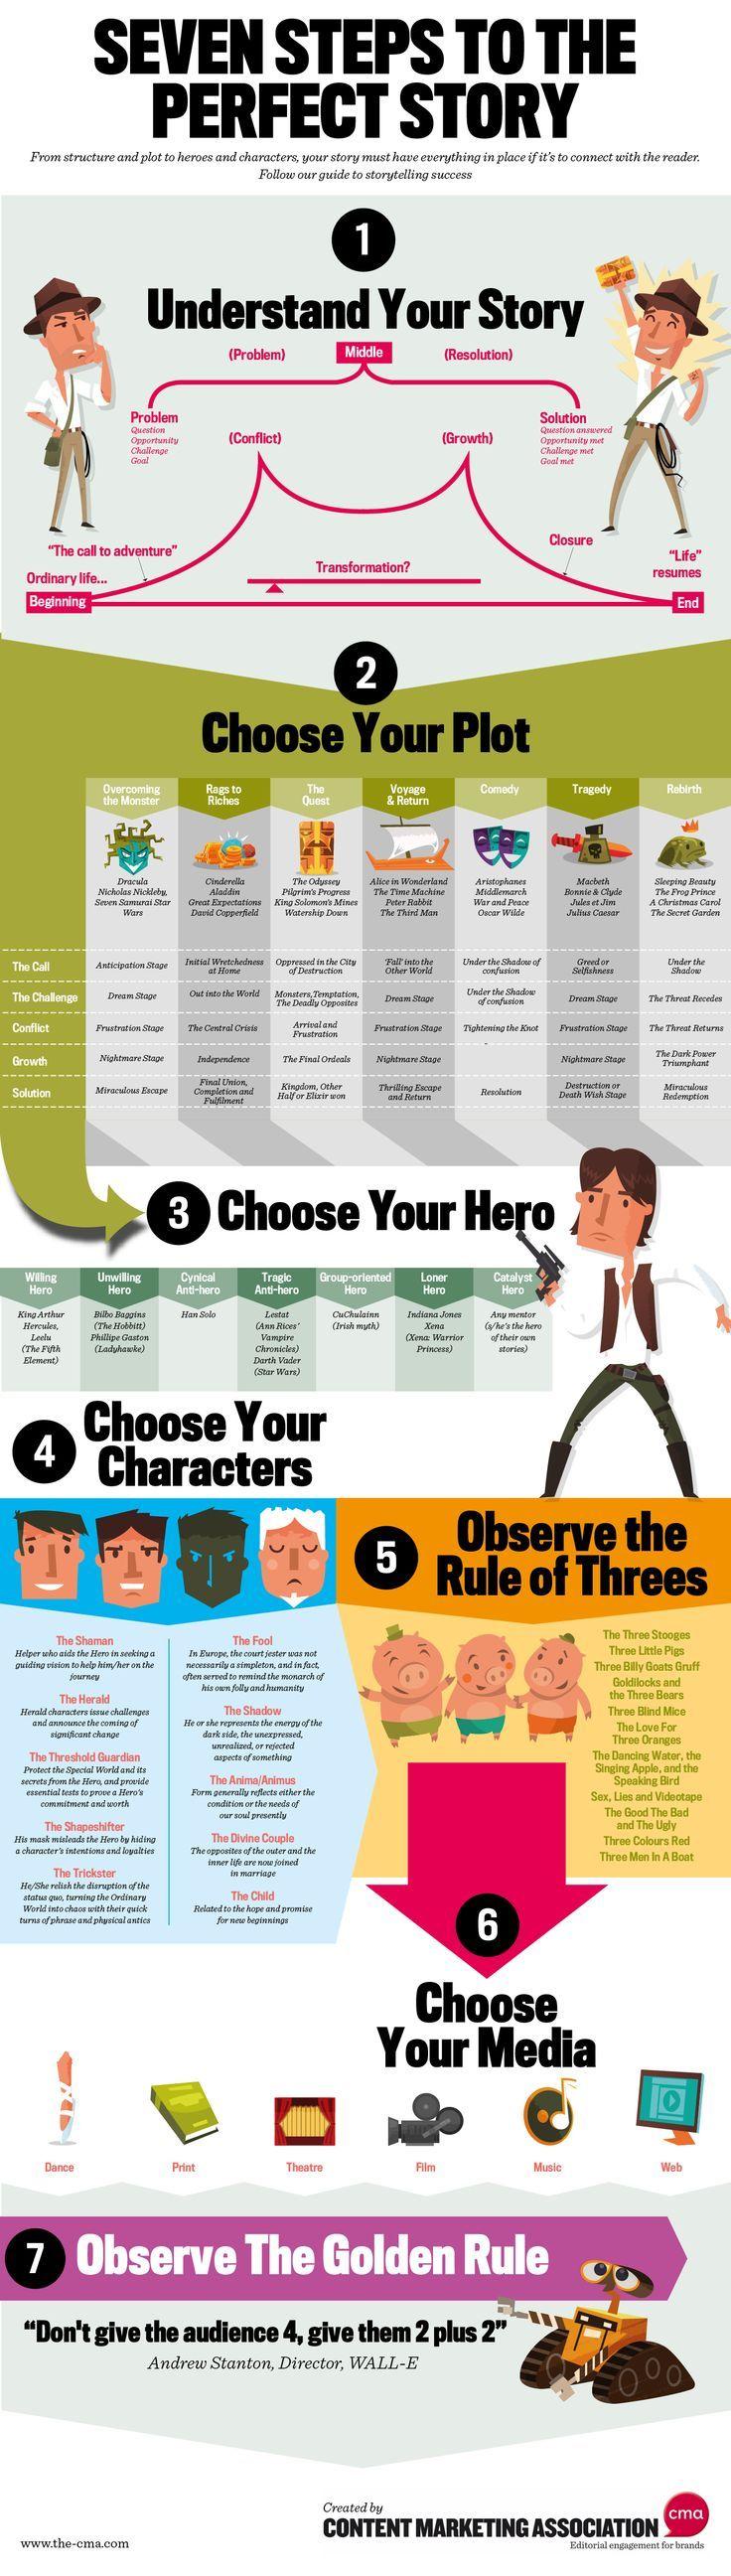 7 étapes pour une histoire parfaite | Scénario-Buzz